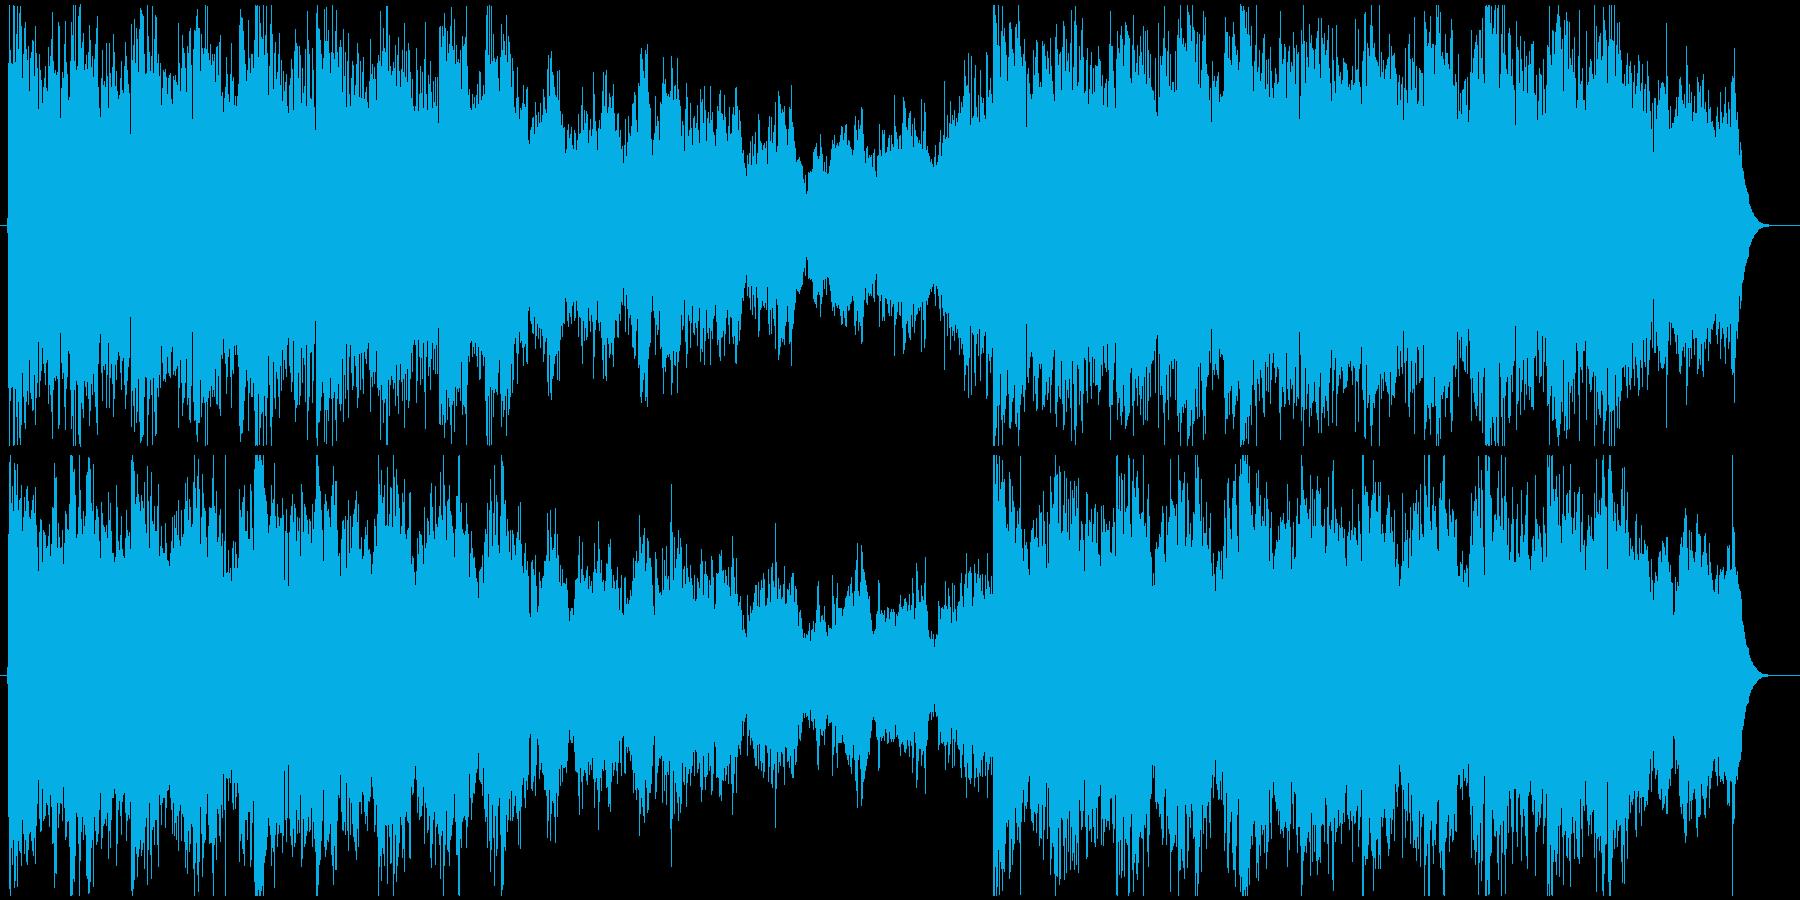 勇ましいオーケストラ曲の再生済みの波形